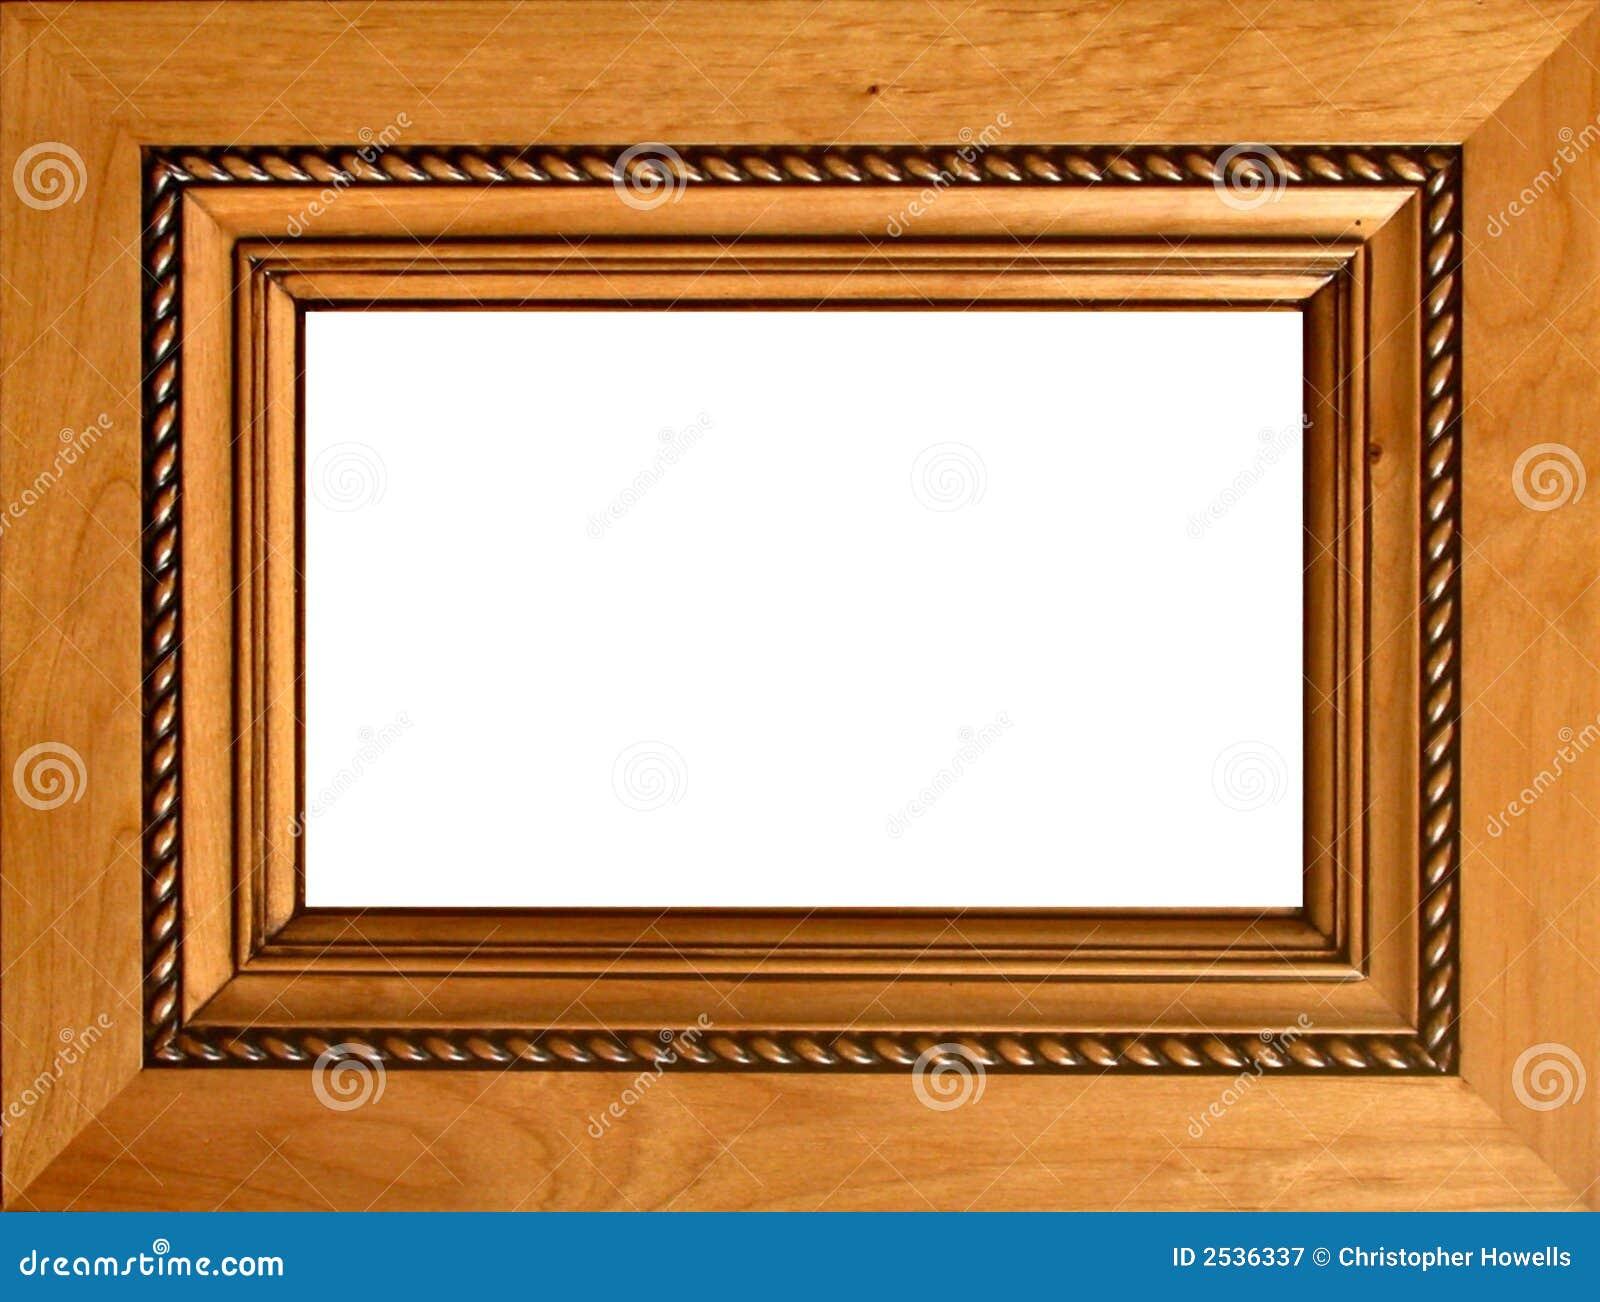 Marco de madera tallado imagen de archivo imagen de formal 2536337 - Marcos de madera ...